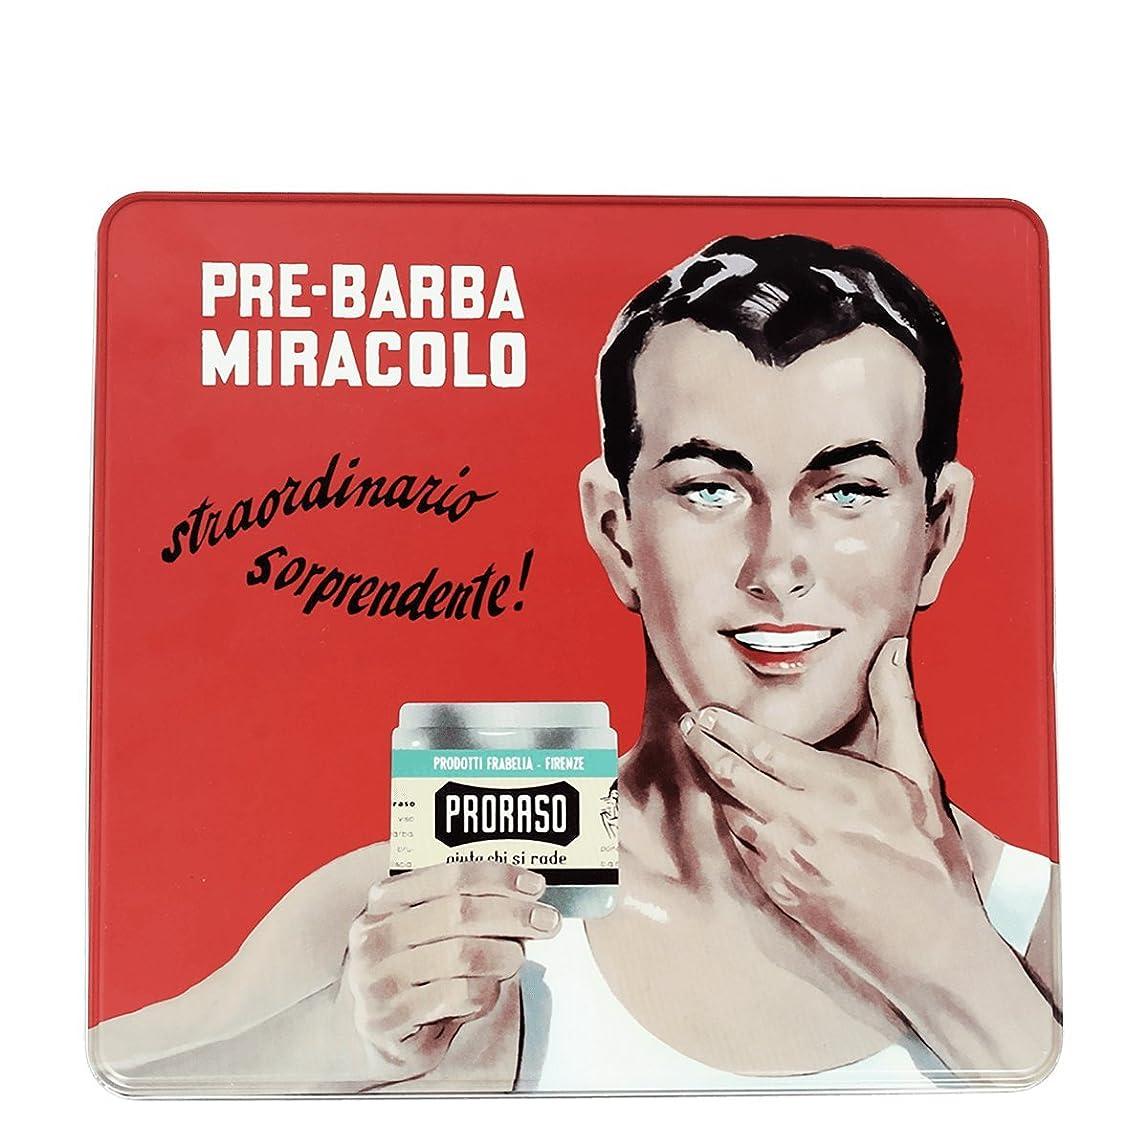 結論強要粒子Proraso ジーノ ヴィンテージ リフレッシュ セレクション 缶[海外直送品] [並行輸入品]